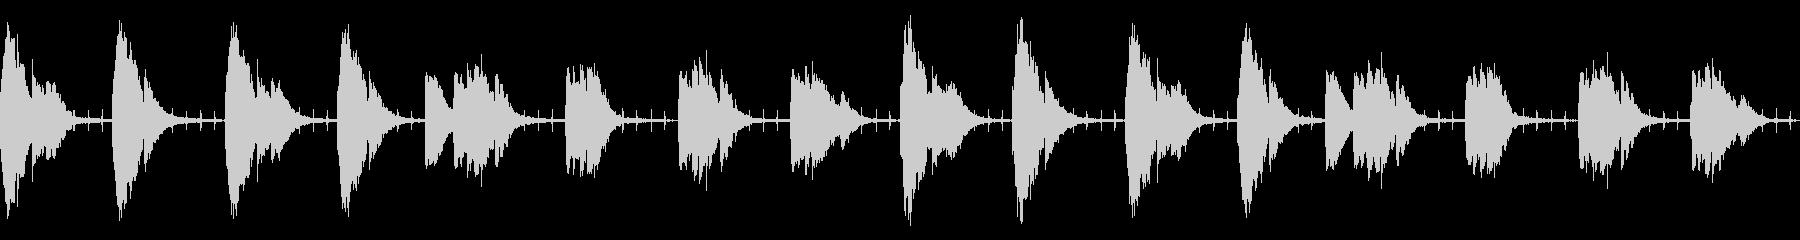 謎・不穏なシーンのシンプルなBGMの未再生の波形